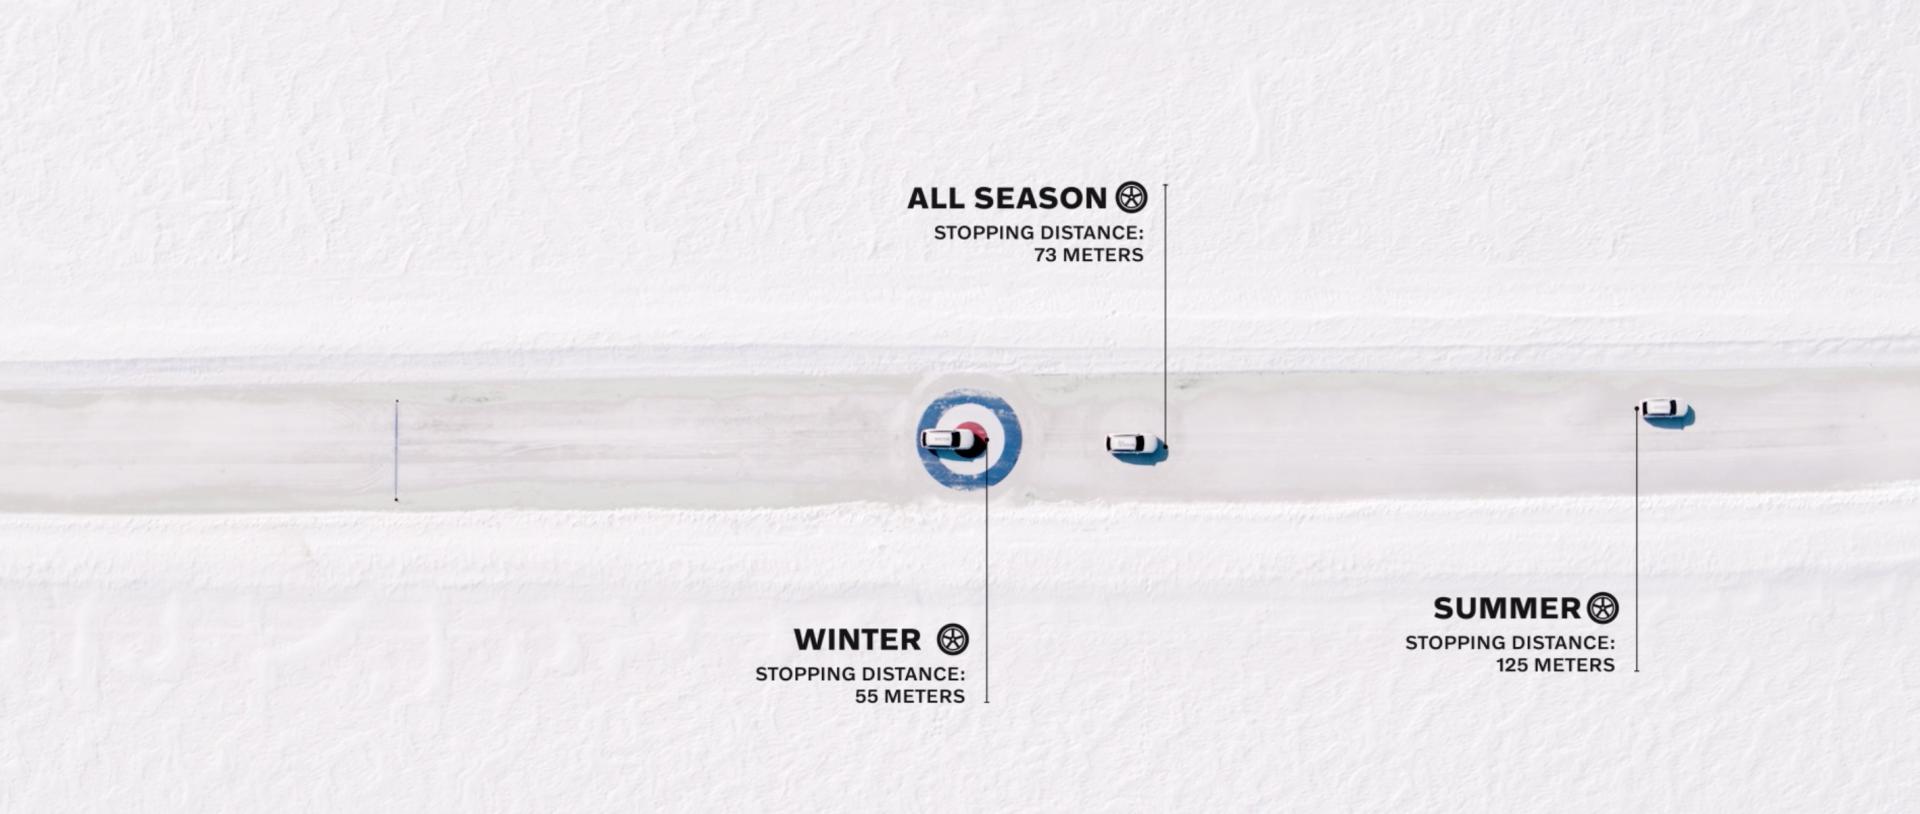 Volvo_Bremstest_im_Schnee_Stoppdistanzen